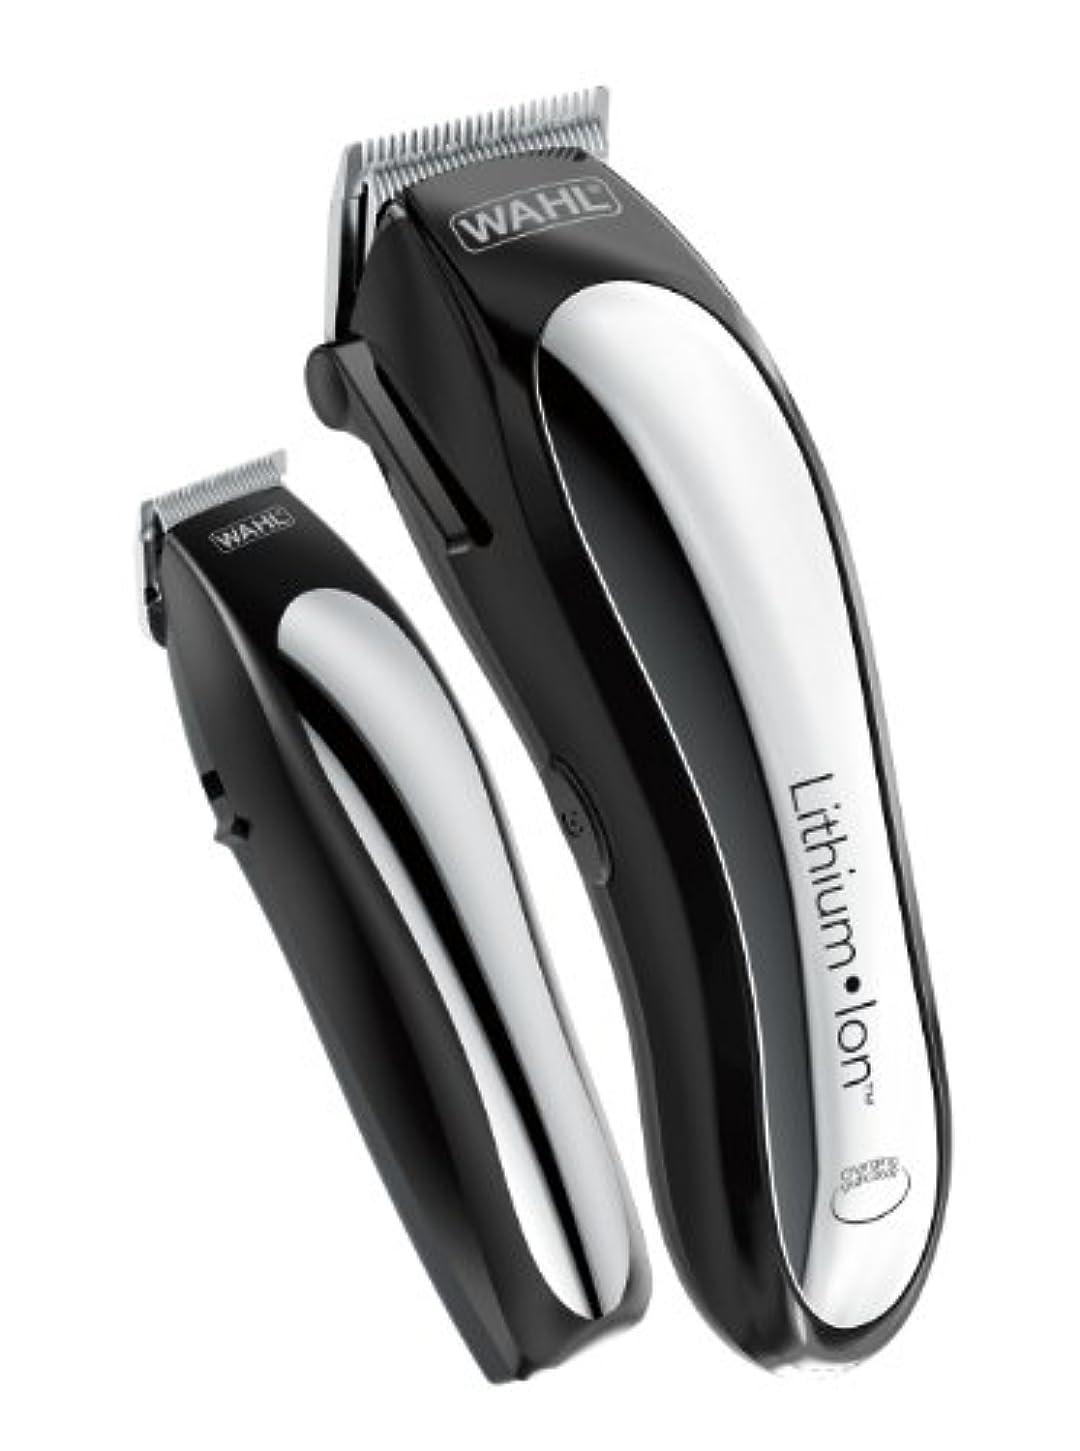 レッドデート反射狂うWahl Clipper Lithium Ion Cordless Rechargeable Hair Clippers and Trimmers for men,Hair Cutting Kit with 10 Guide...